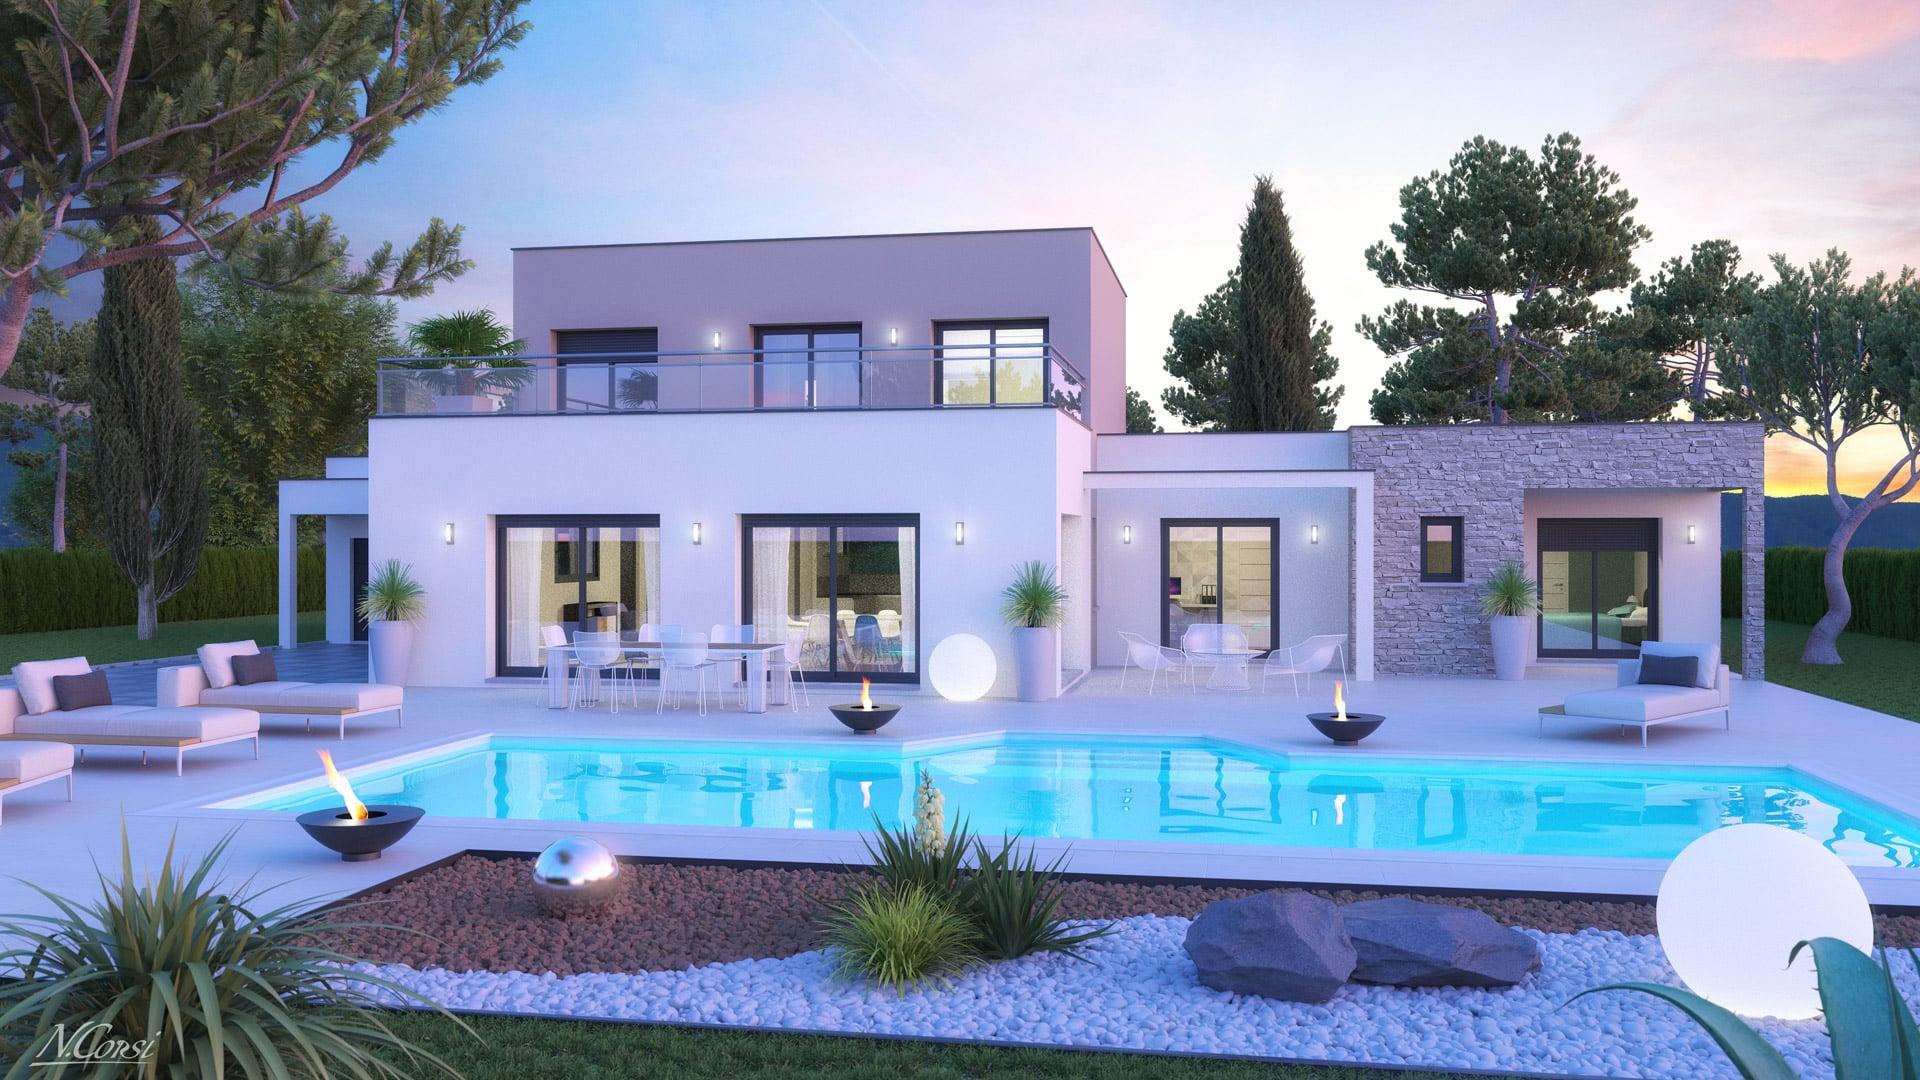 Surréaliste Plan maison gratuit DX-08